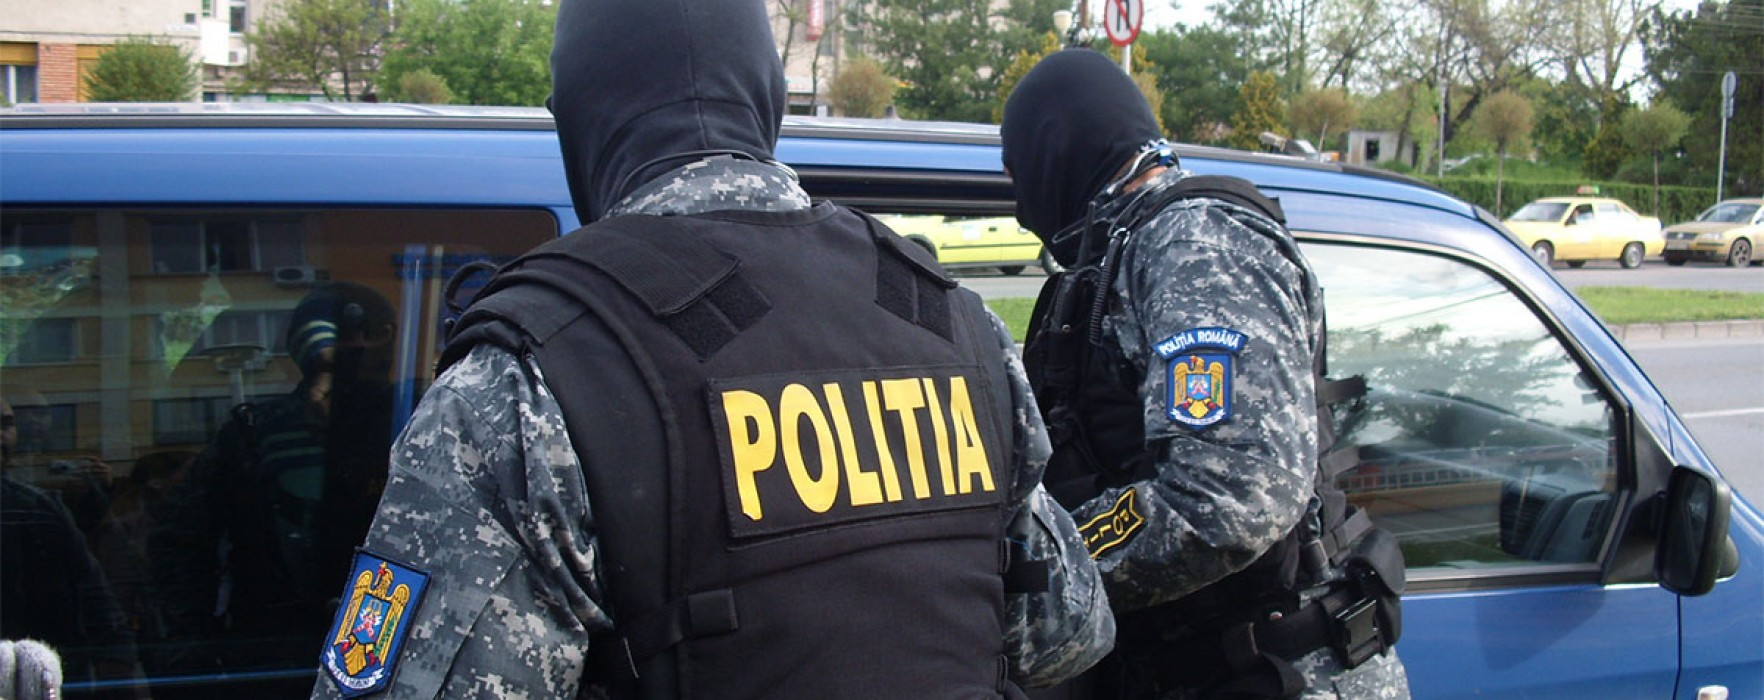 Dâmboviţa: Reţea de trafic de persoane destructurată, anchetă comună Poliţia Română-Poliţia londoneză